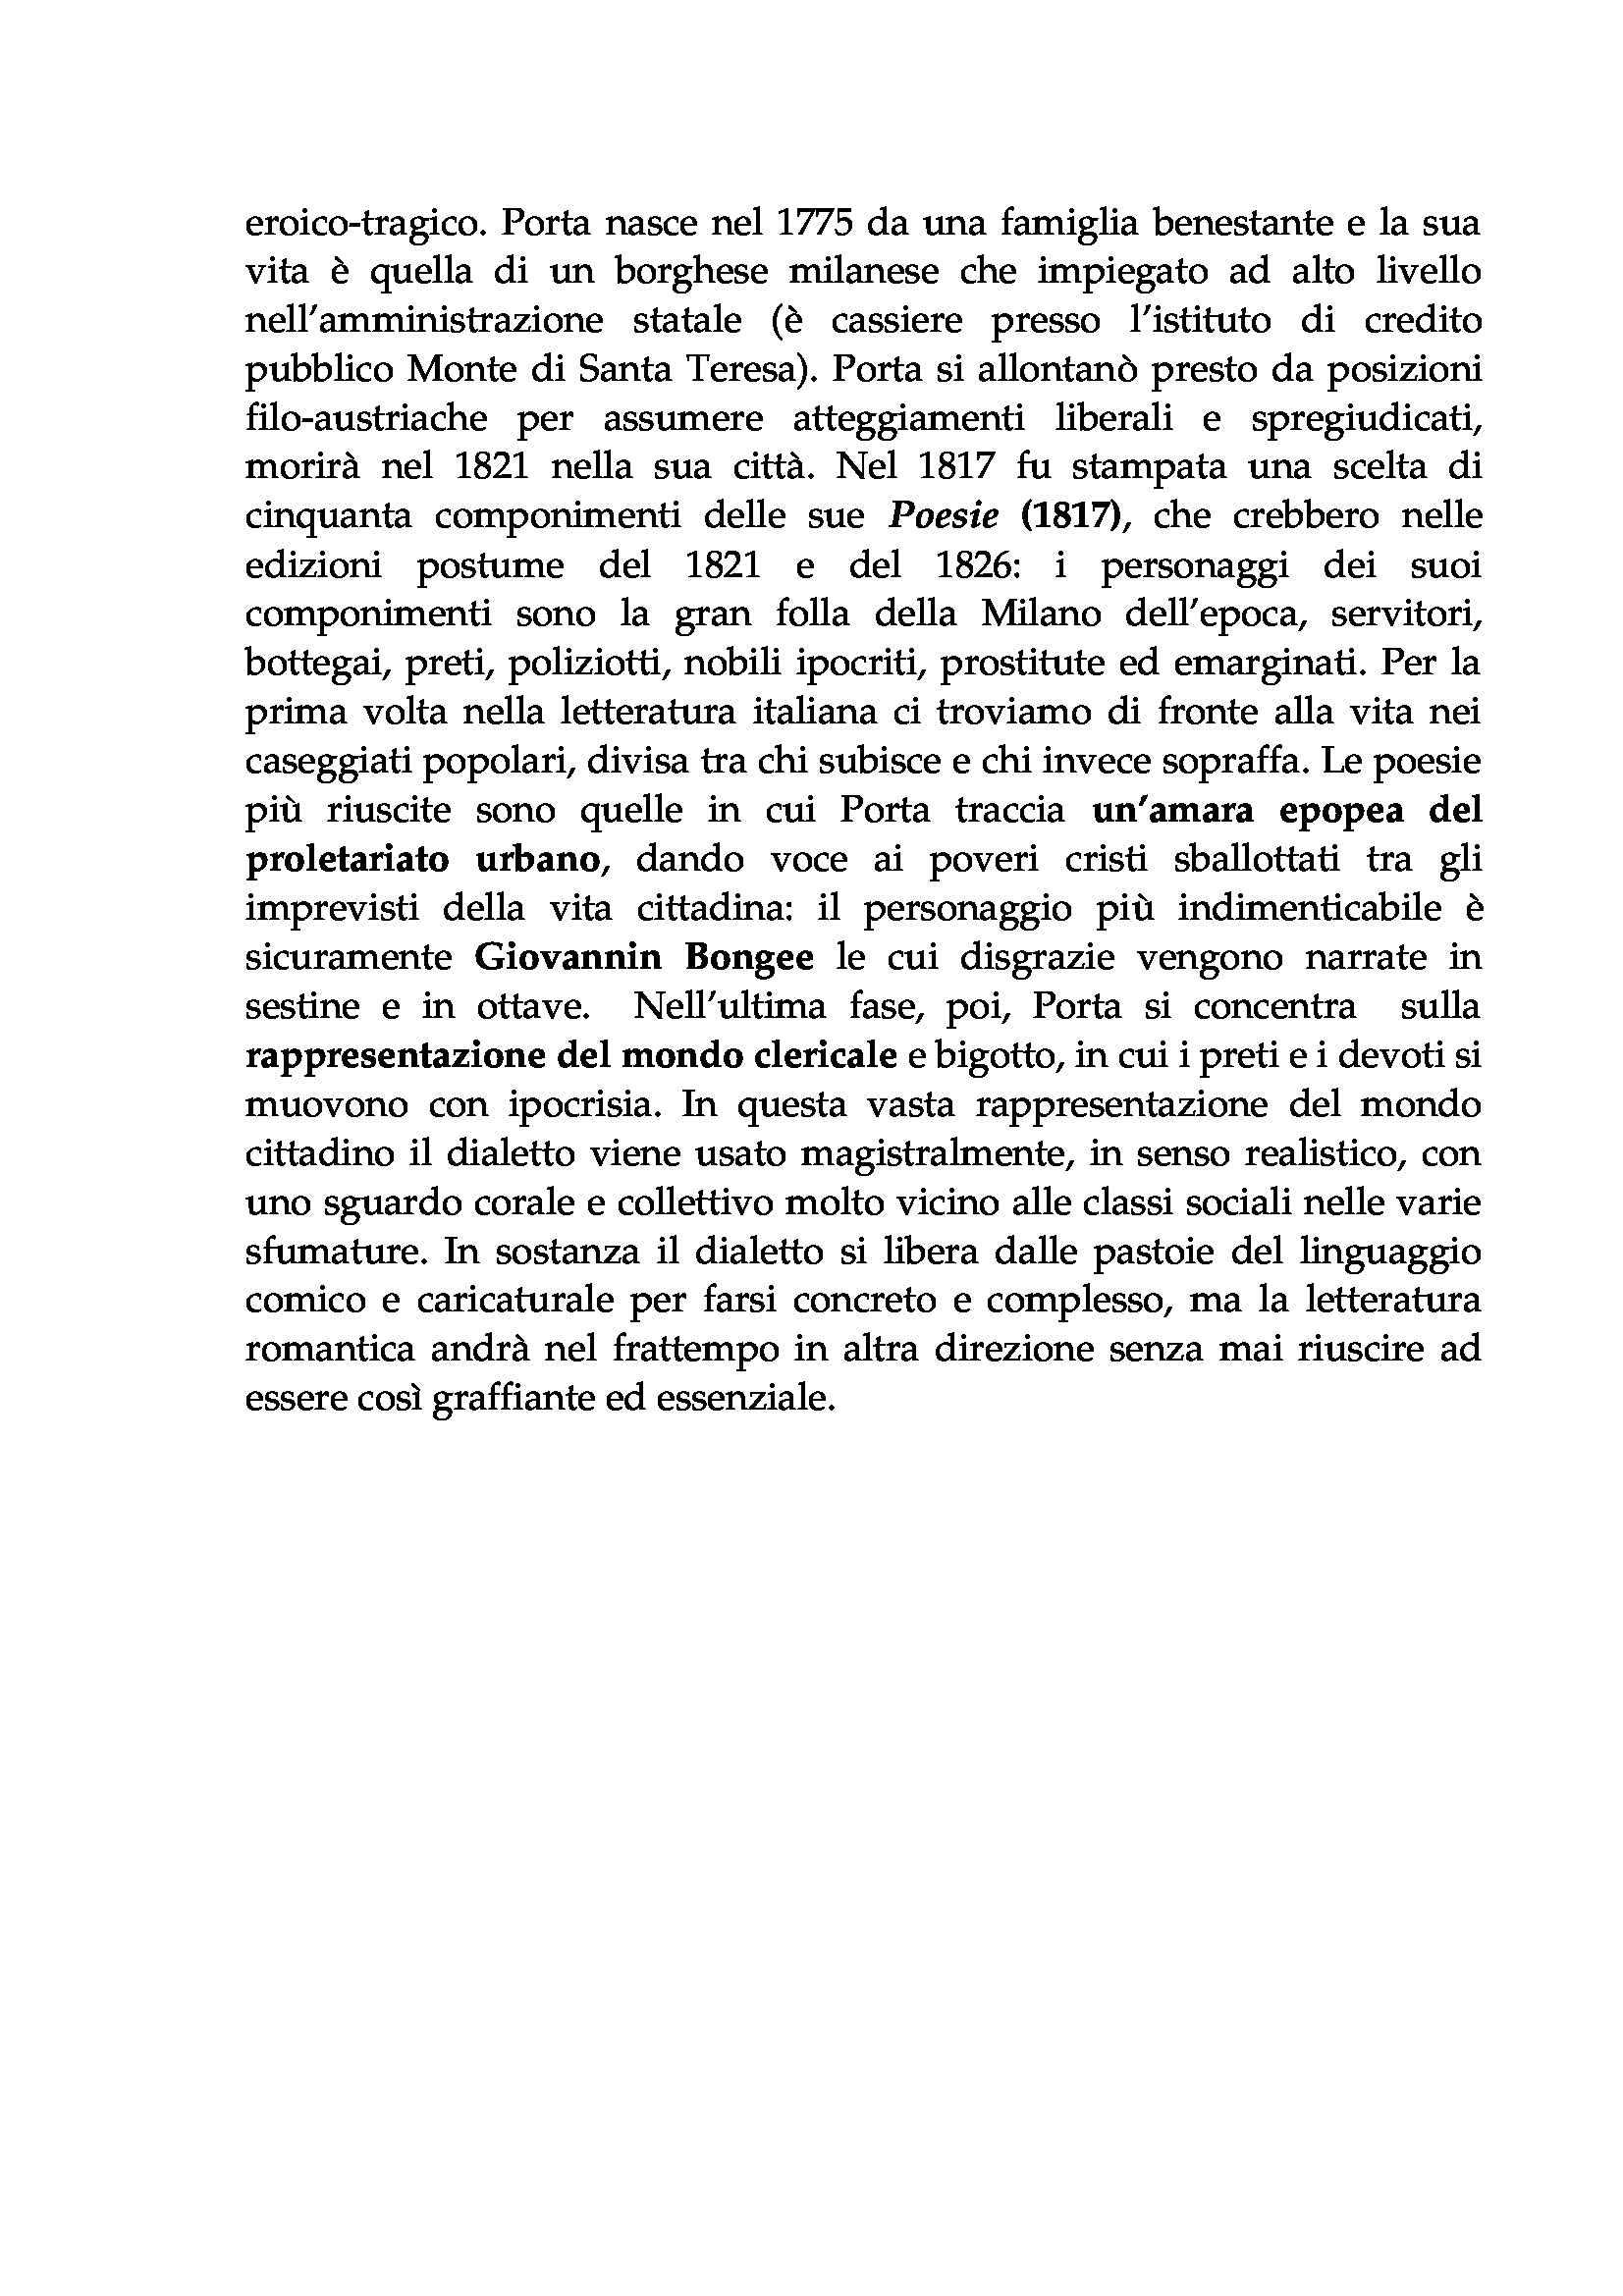 Letteratura italiana - Romanticismo italiano Pag. 6